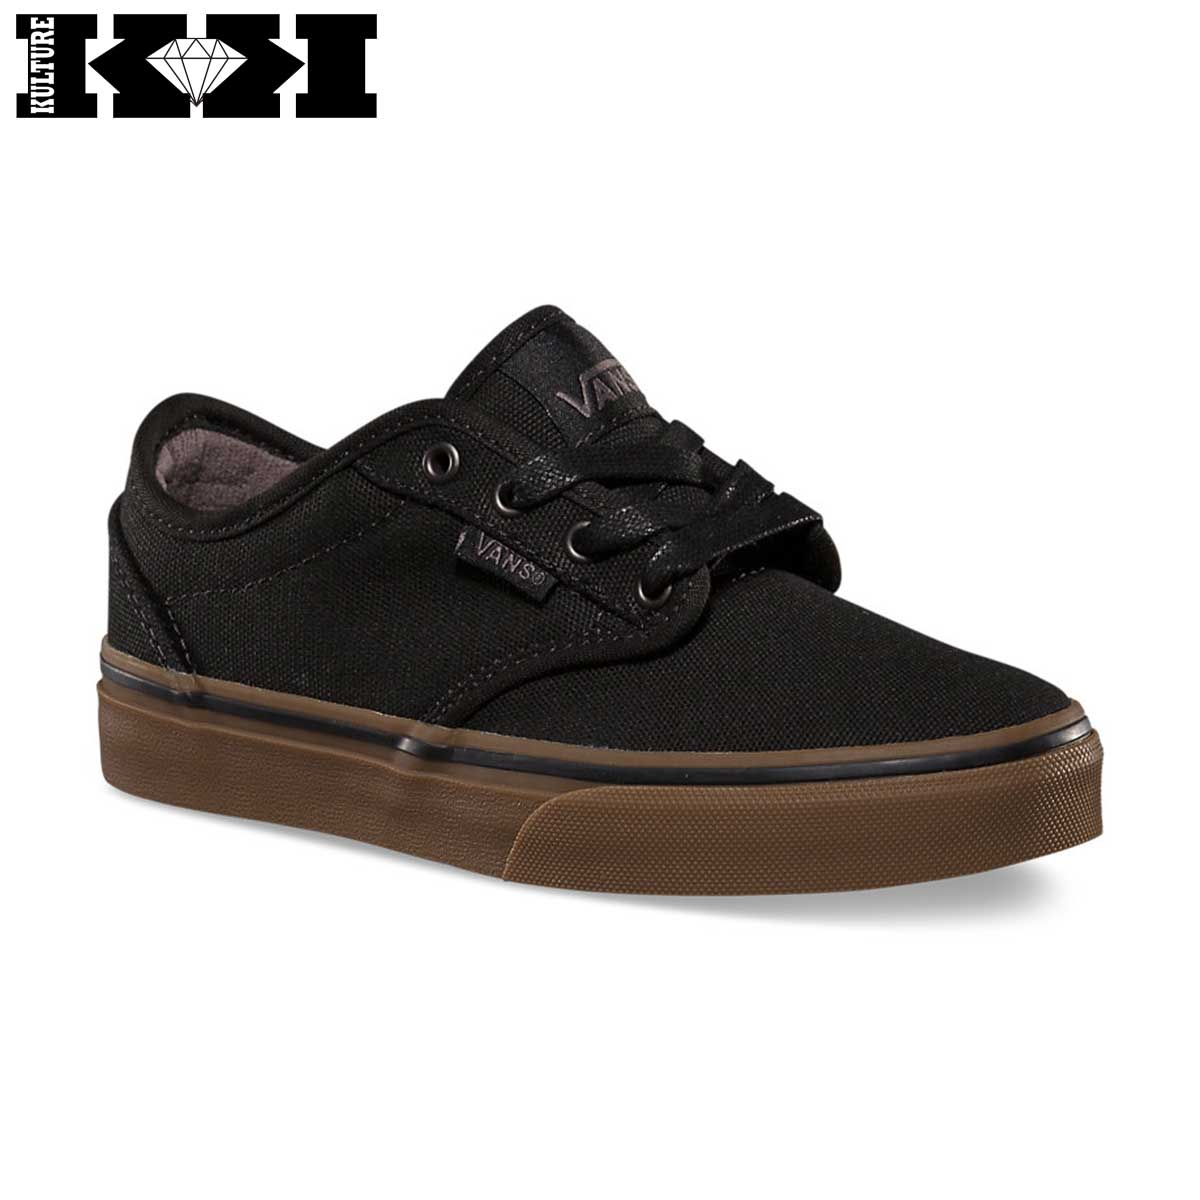 zapatillas vans niños negro